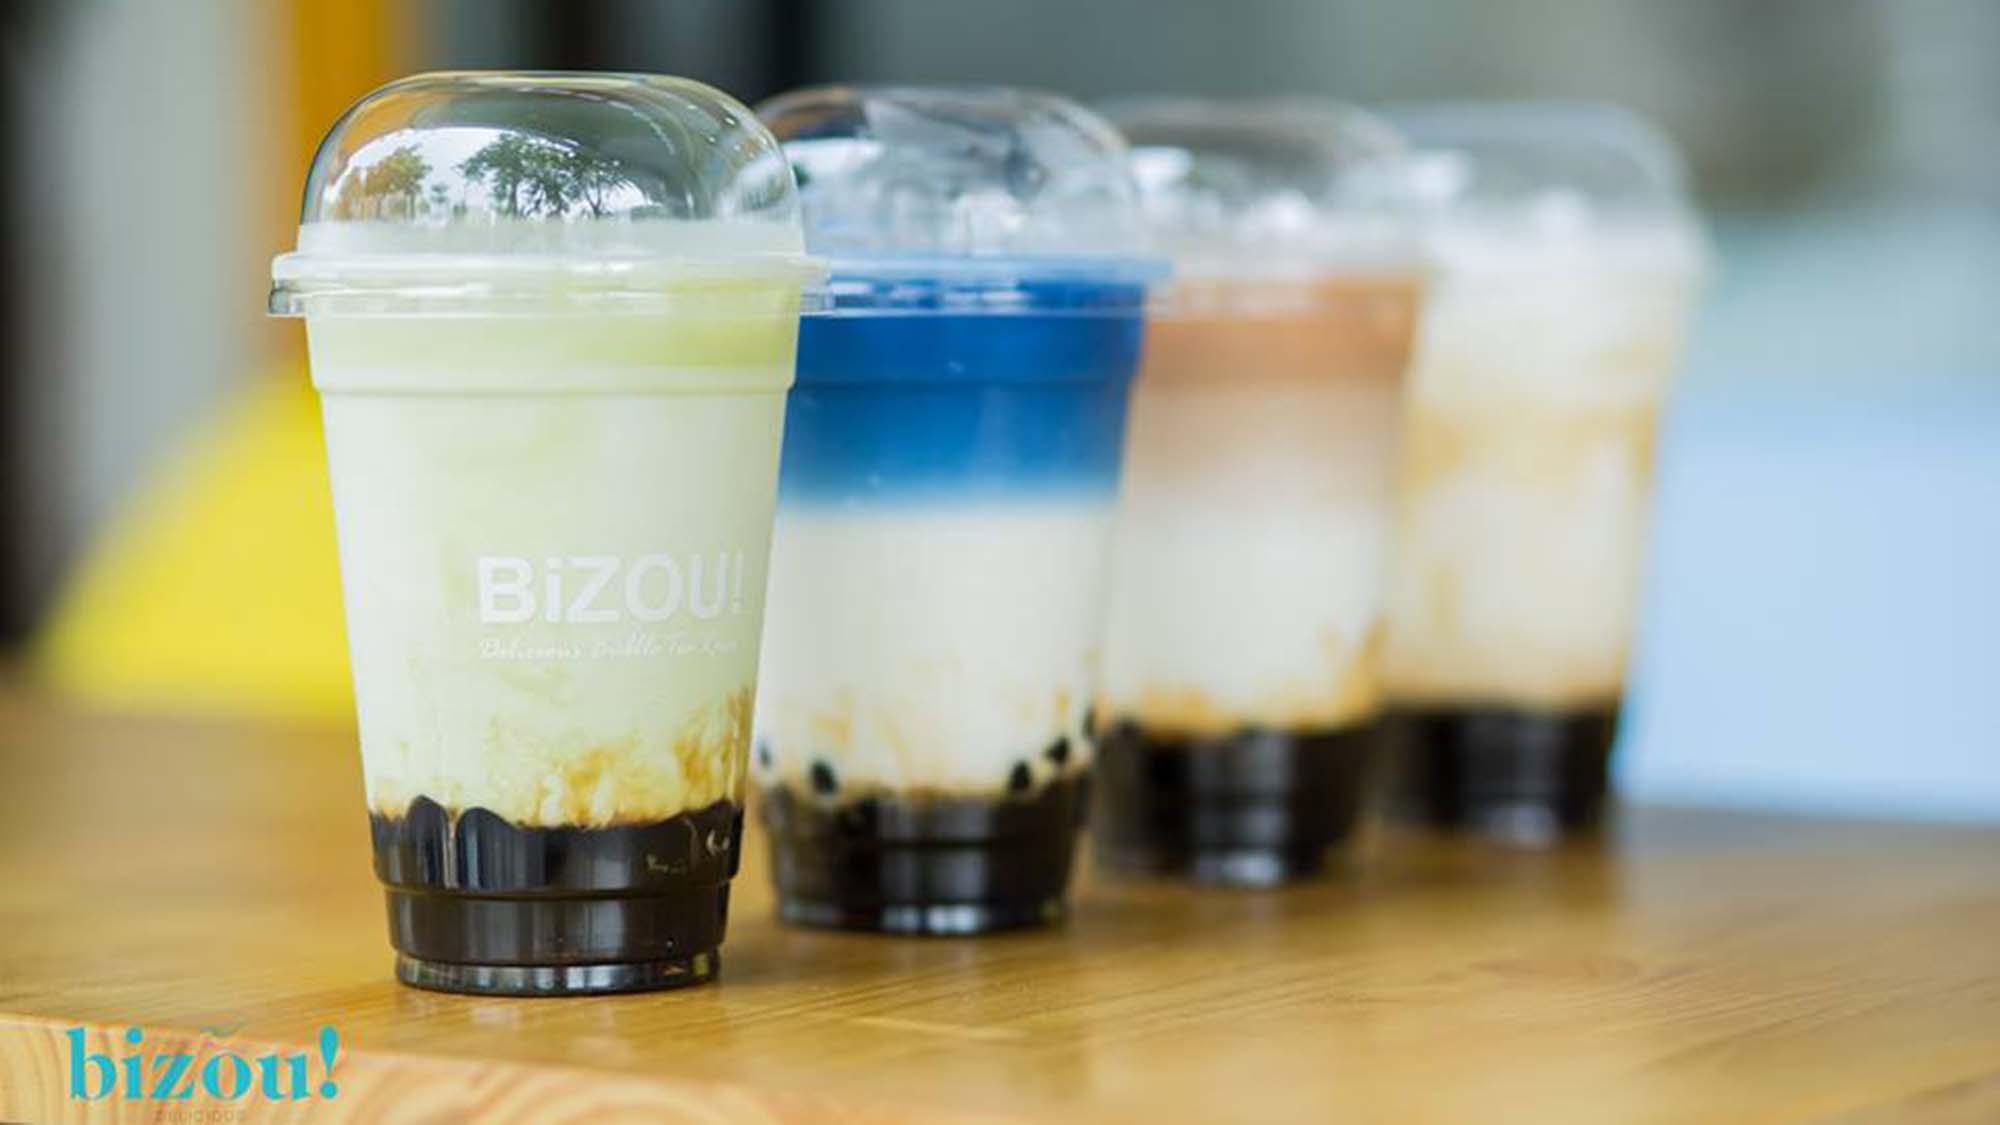 Bizou Delicious - Nâng tầm trà sữa Việt Nam 1